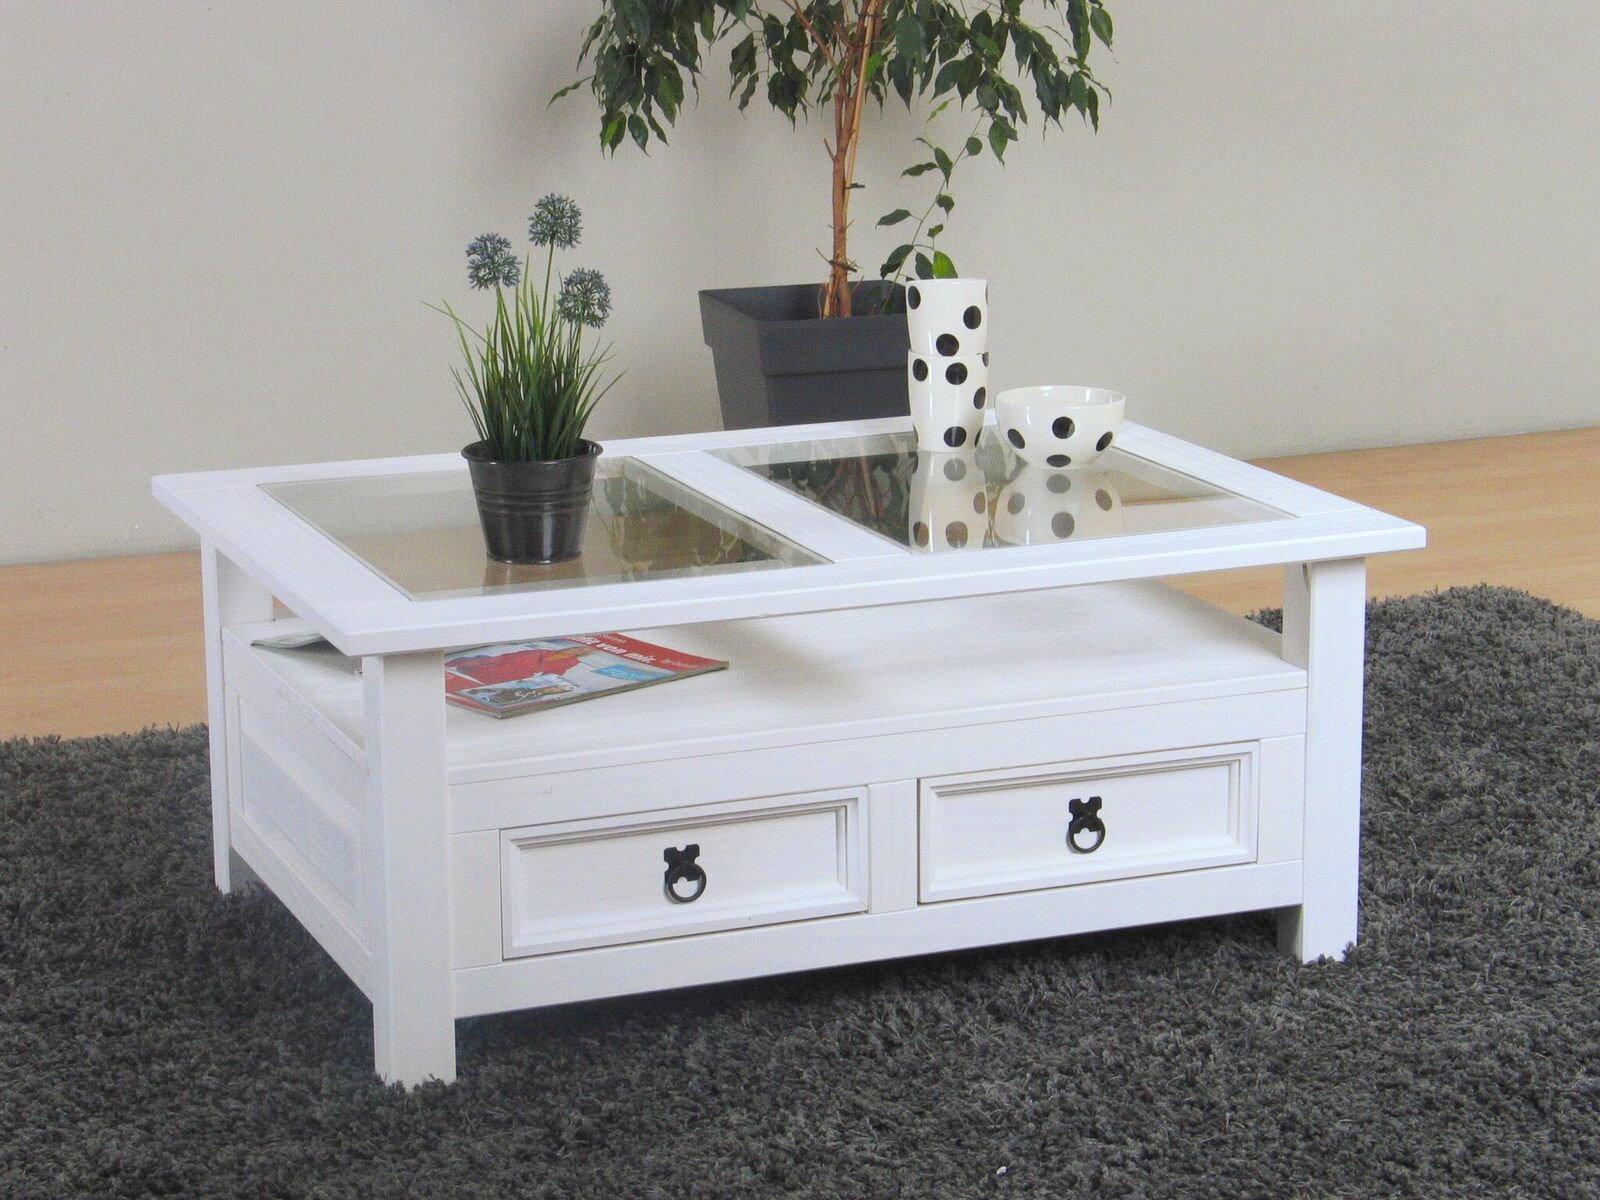 couchtisch new mexico weiss kiefer massiv mexiko tisch beistelltisch m bel wohnen wohnzimmer. Black Bedroom Furniture Sets. Home Design Ideas